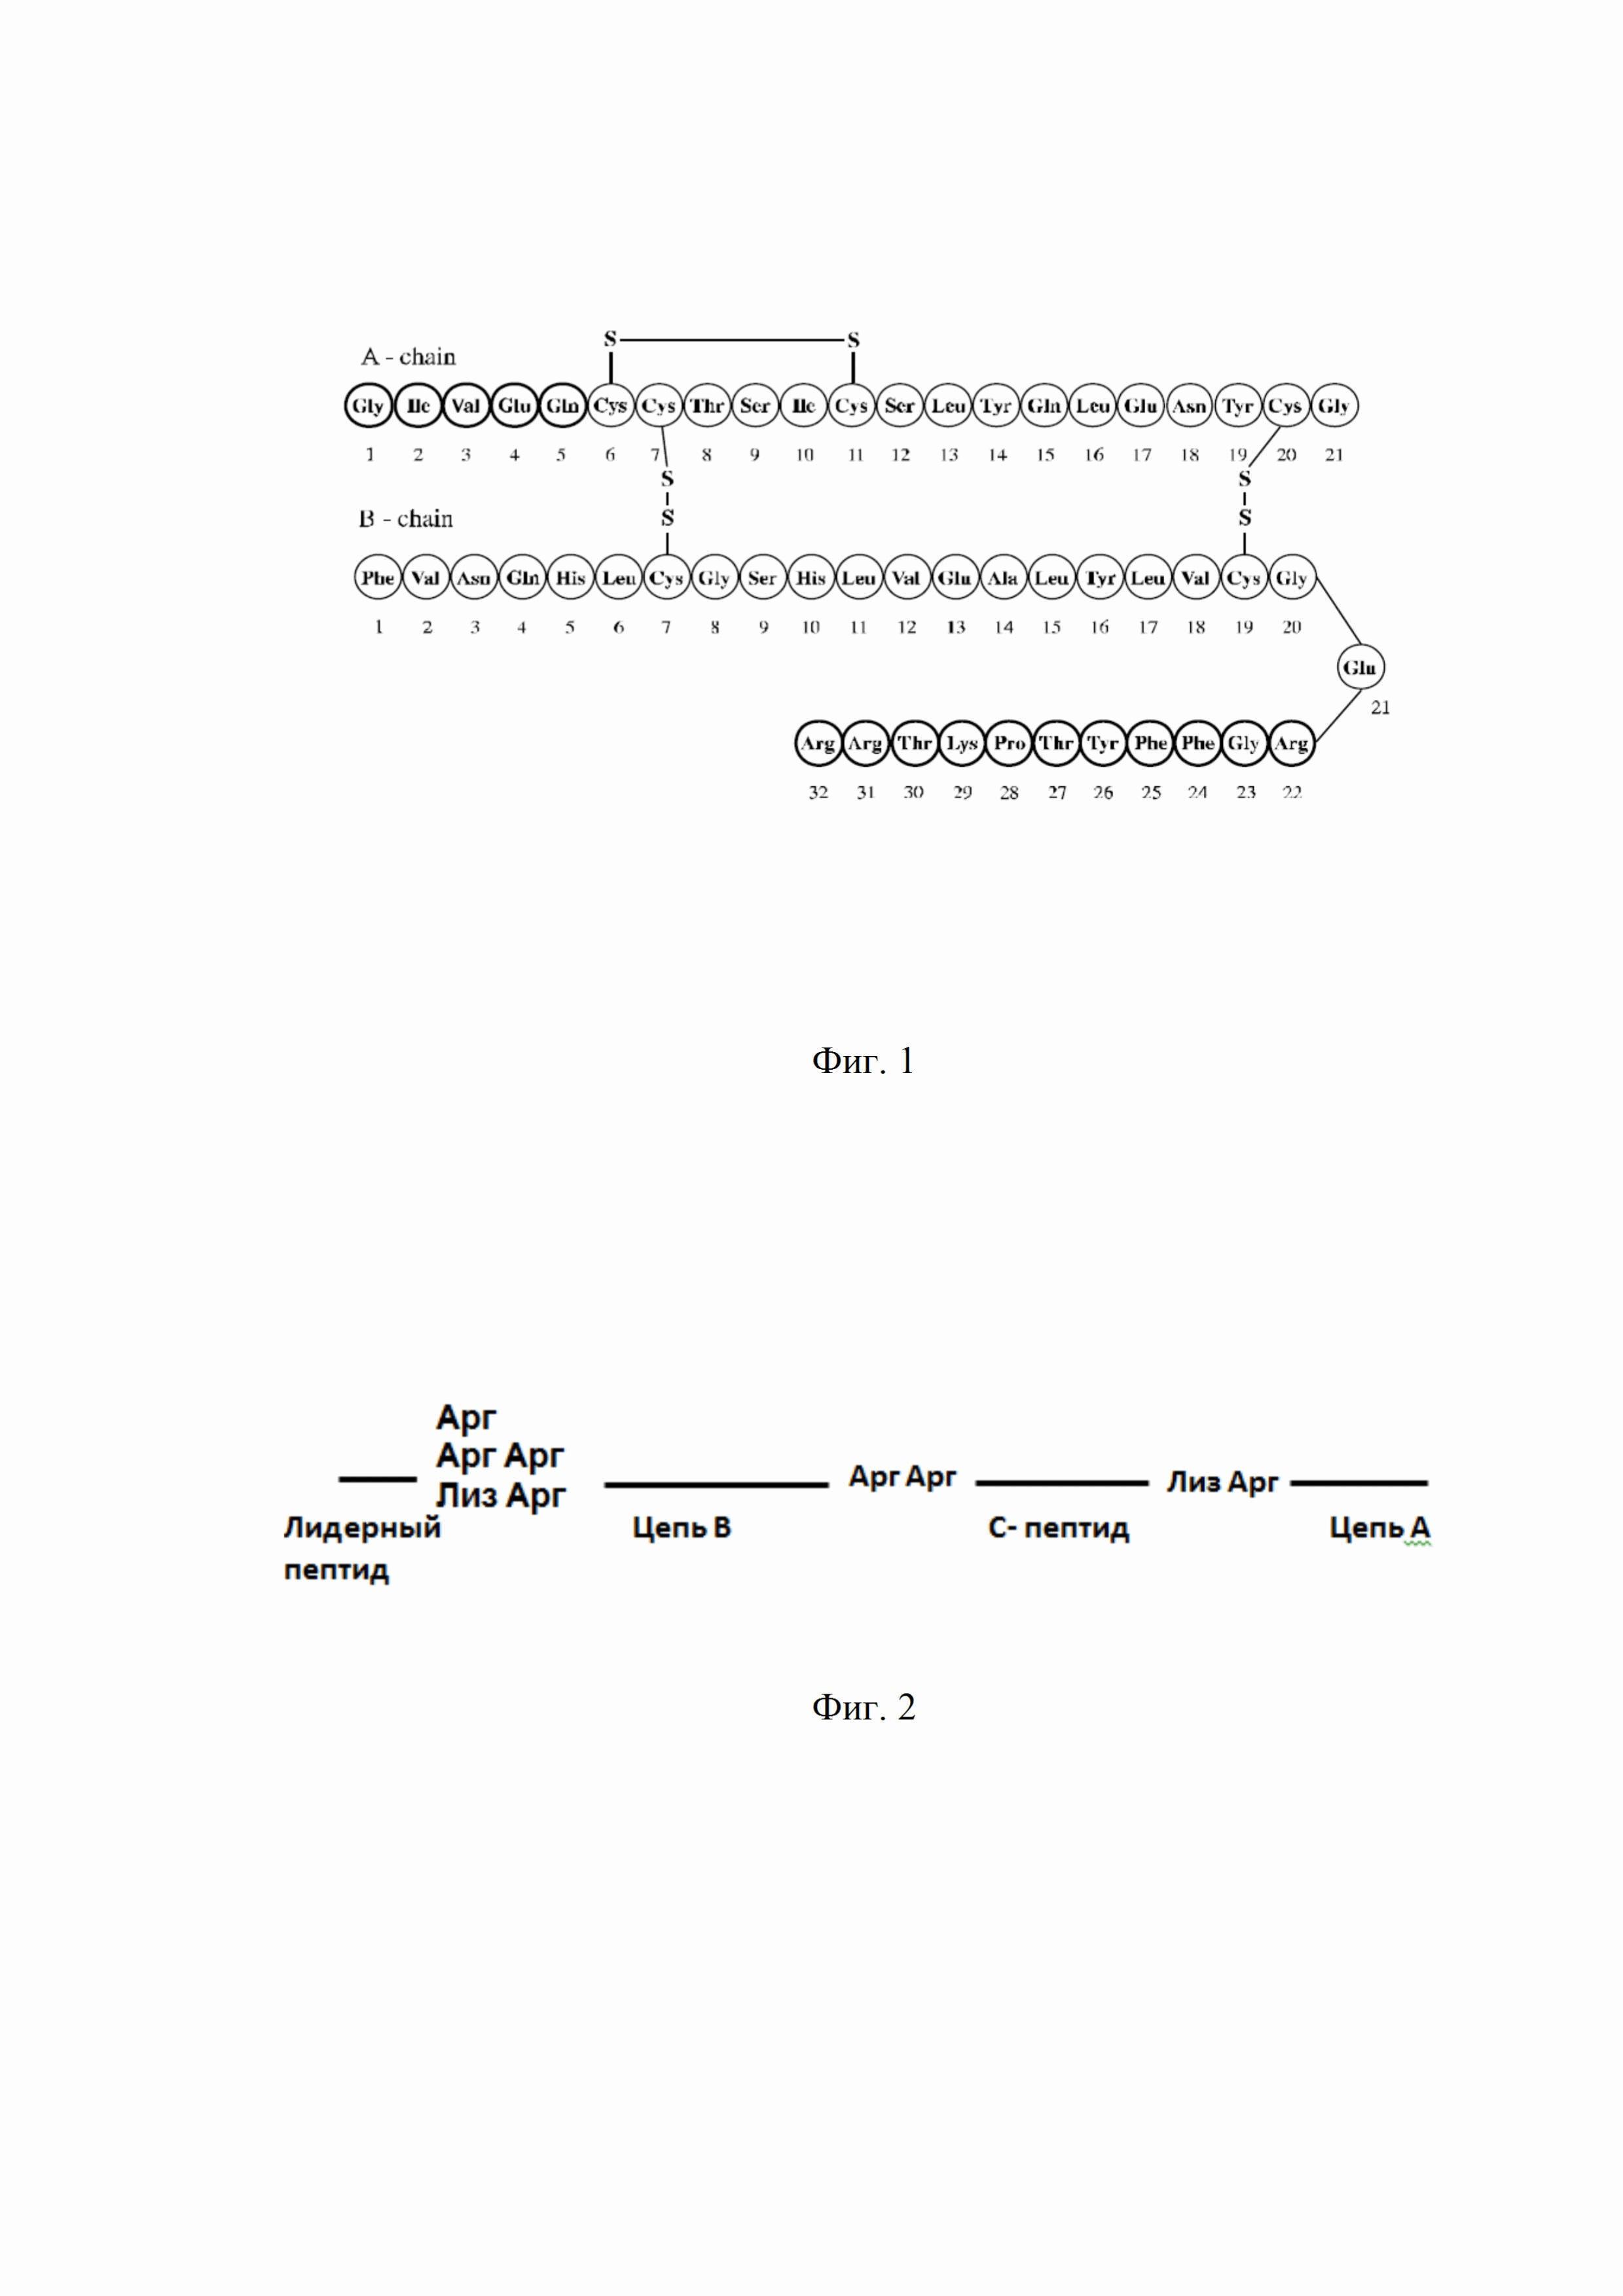 Рекомбинантная плазмидная днк pf644, кодирующая гибридный полипептид, содержащий проинсулин гларгин, и штамм бактерий escherichia coli - продуцент гибридного полипептида, содержащего проинсулин гларгин